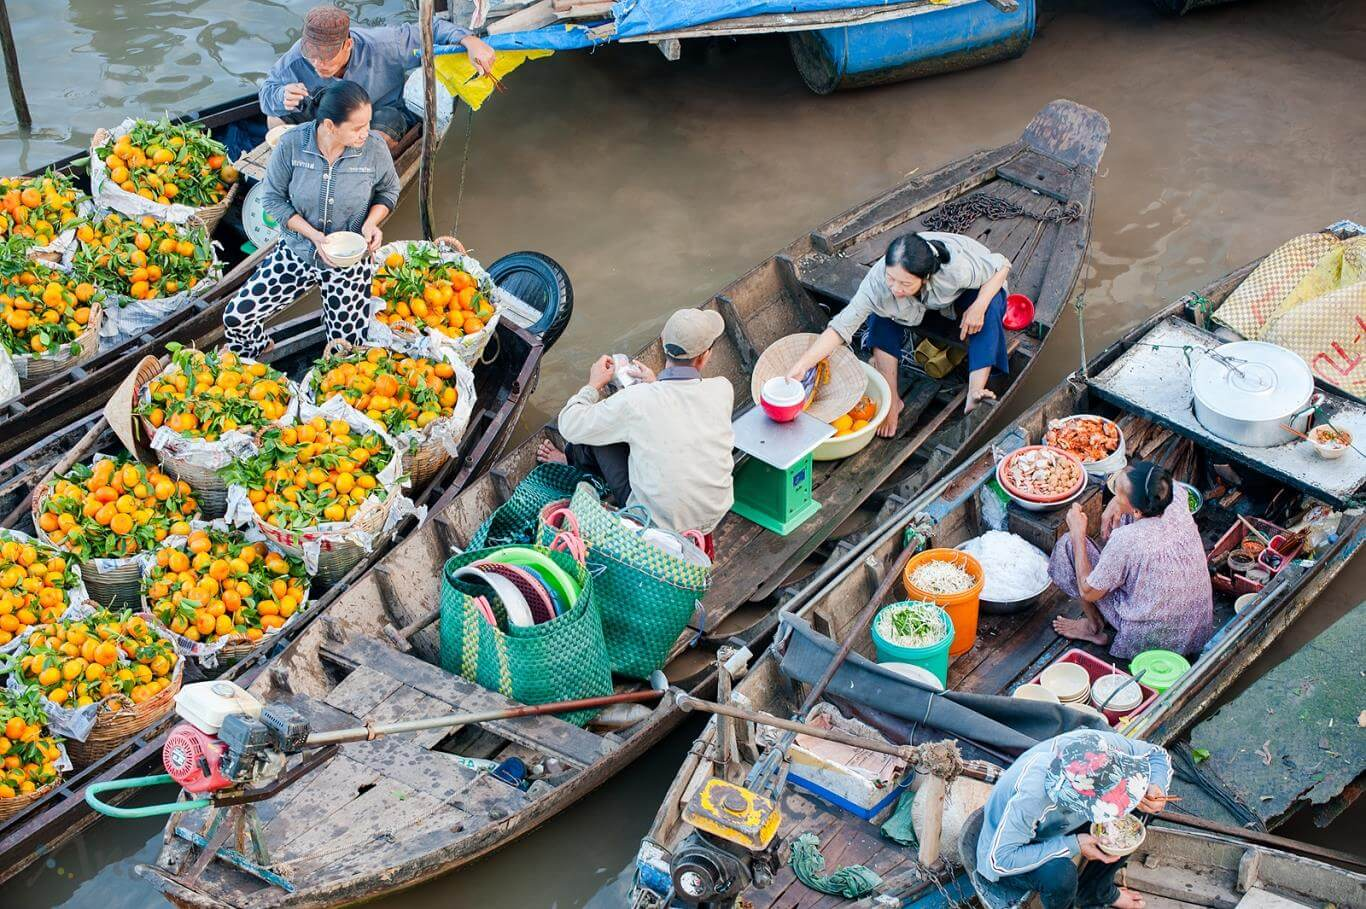 Chợ nổi Cái Răng nét văn hóa đặc trưng miền tây